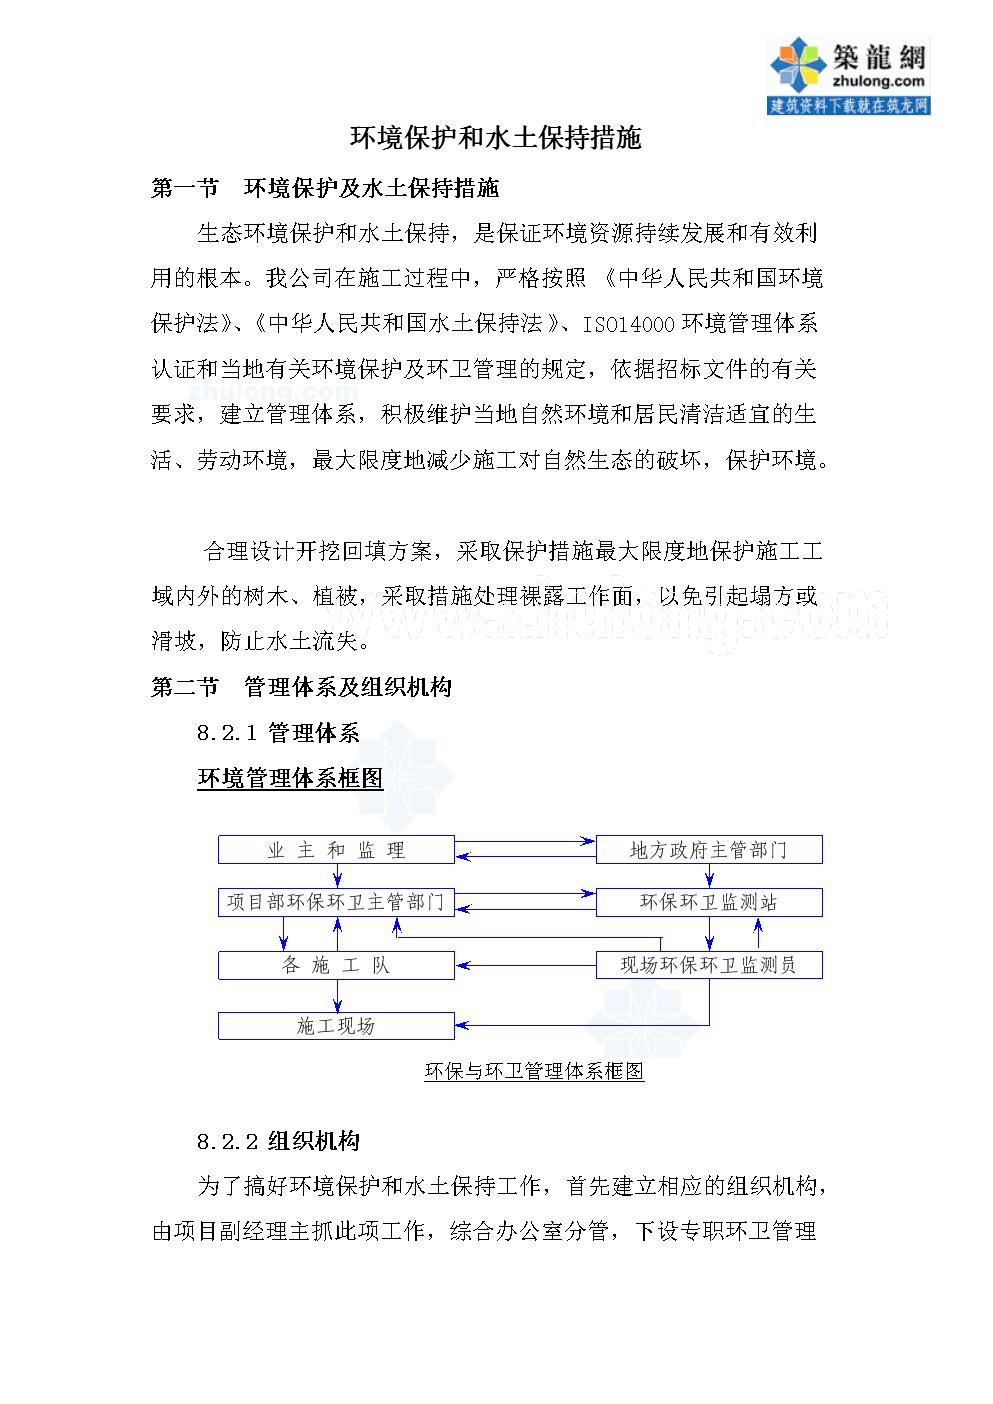 水利工程环境保护和水土保持措施.doc